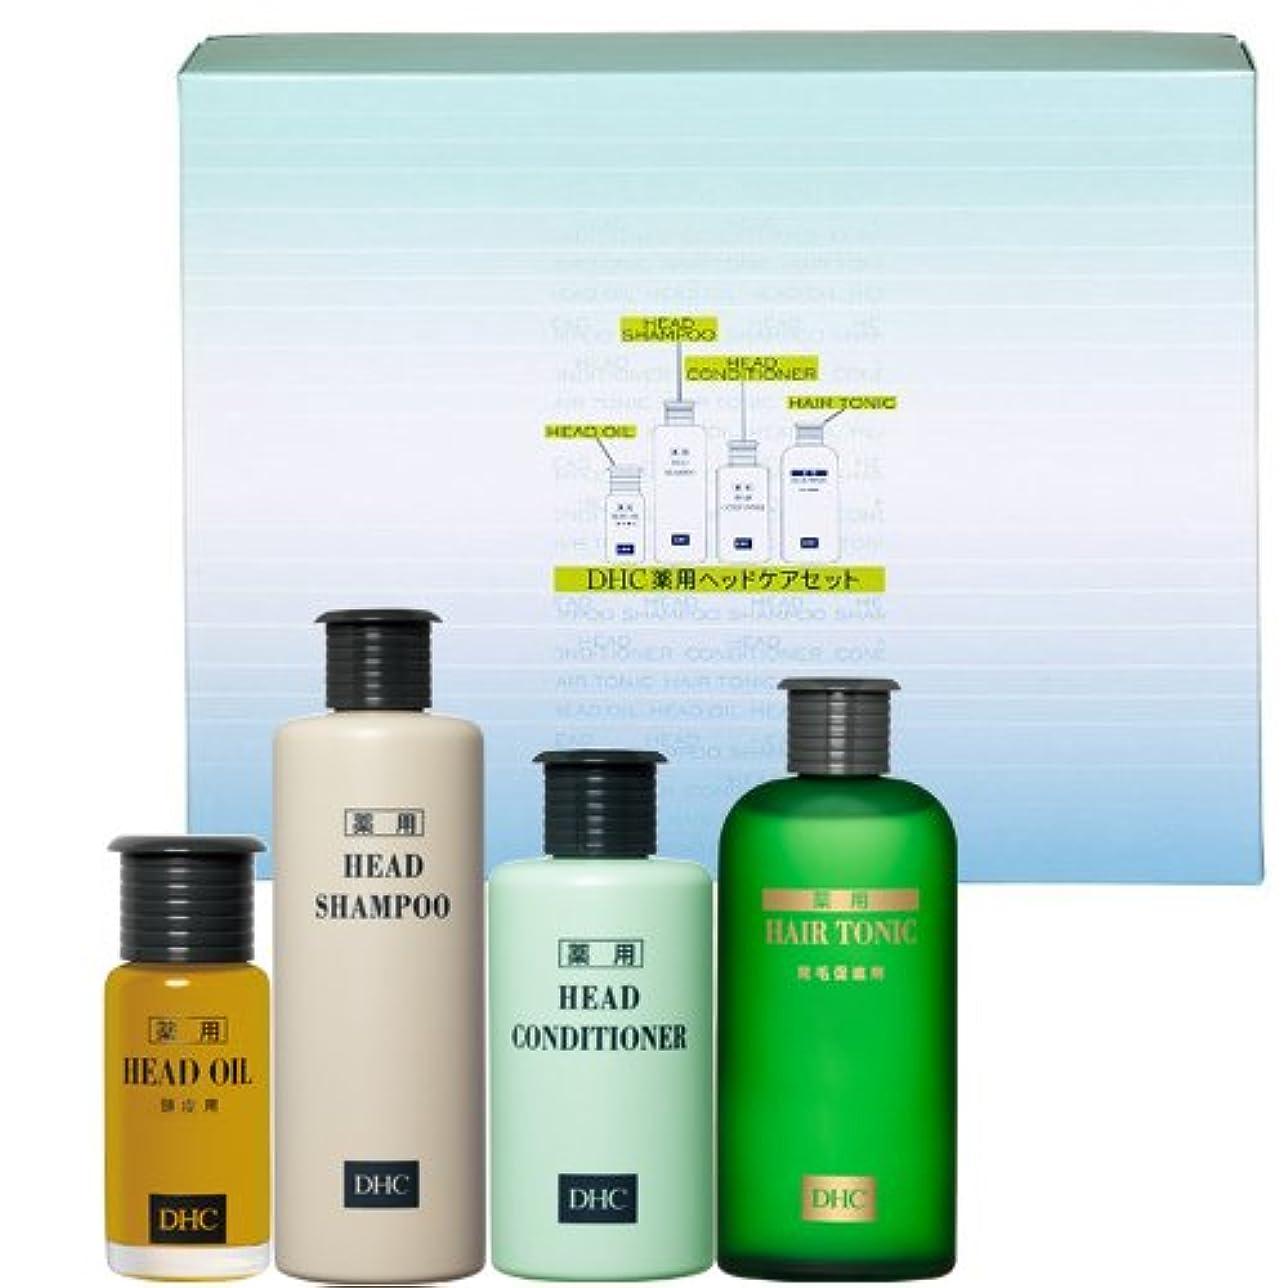 分類比較トランク【医薬部外品】 薬用ヘッドケアセット